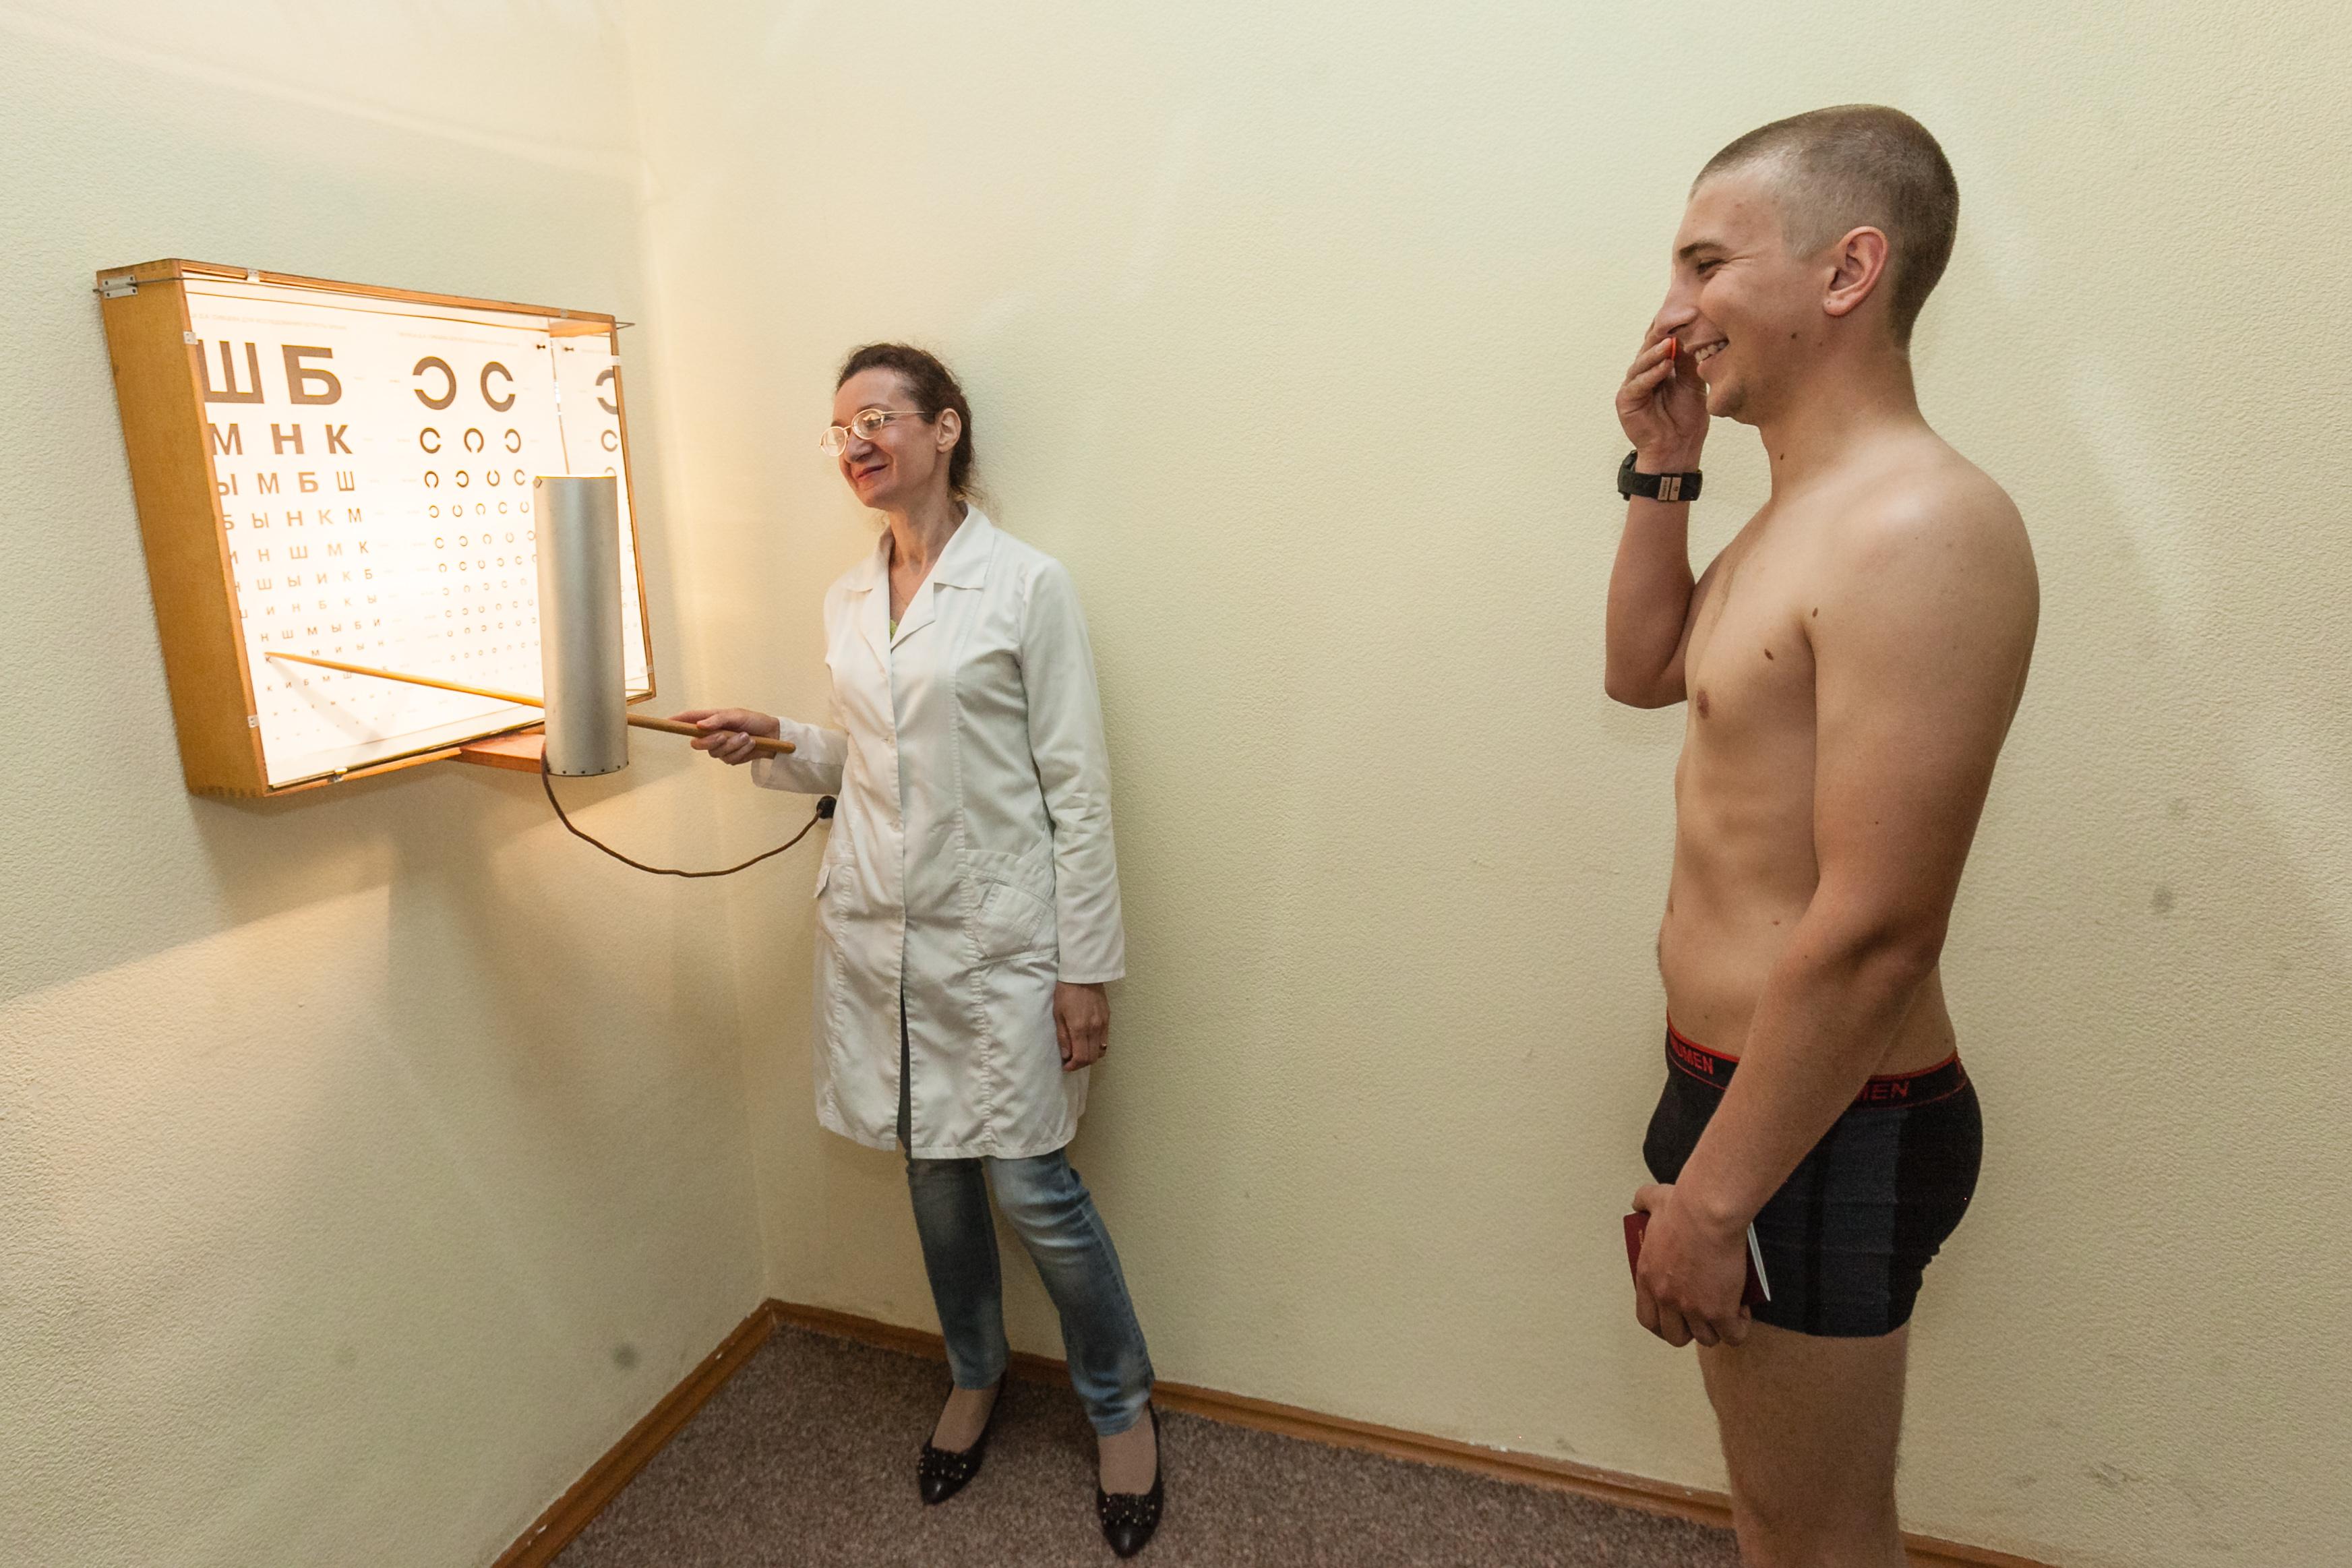 Смотреть фото с медосмотра в военкомате, Видеозаписи Романа Пупкина ВКонтакте 21 фотография